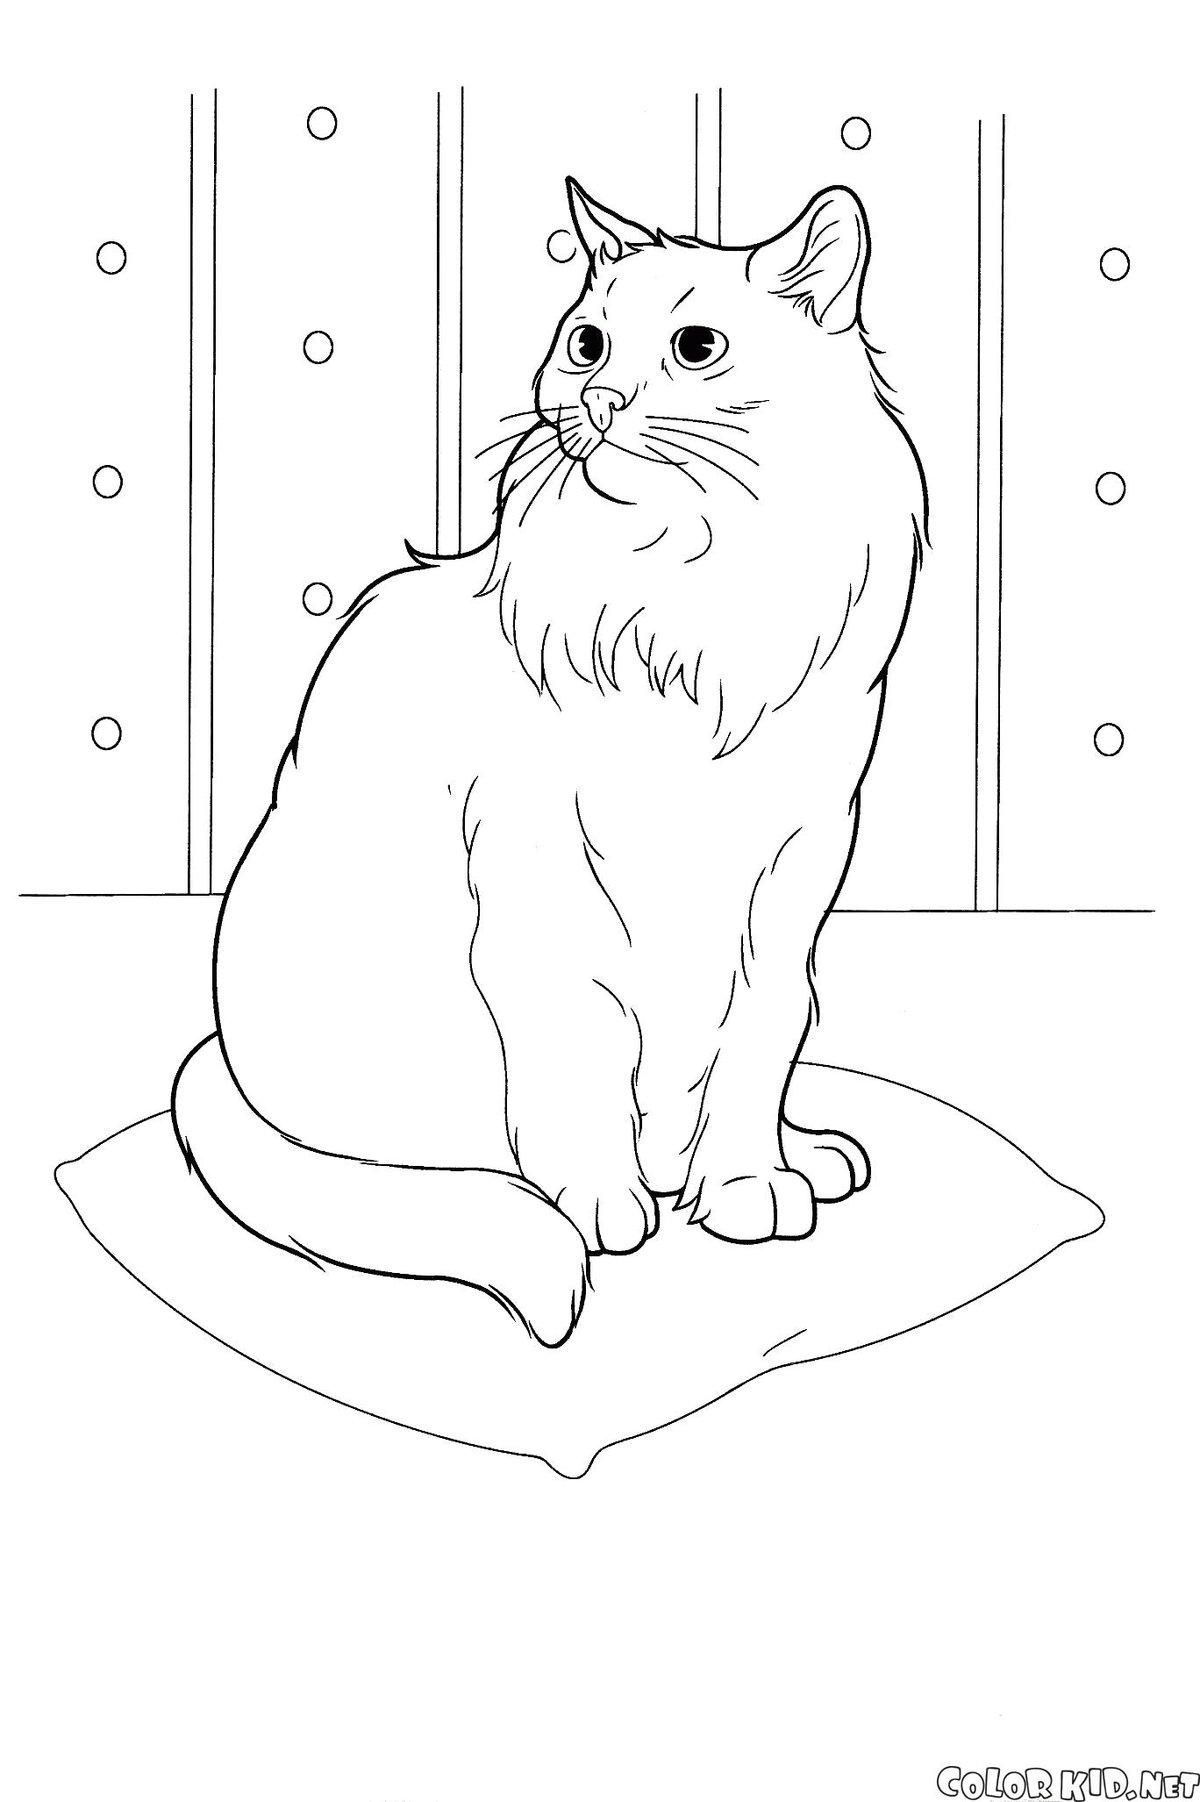 Днем рождения, черно белые картинки кошки для распечатки